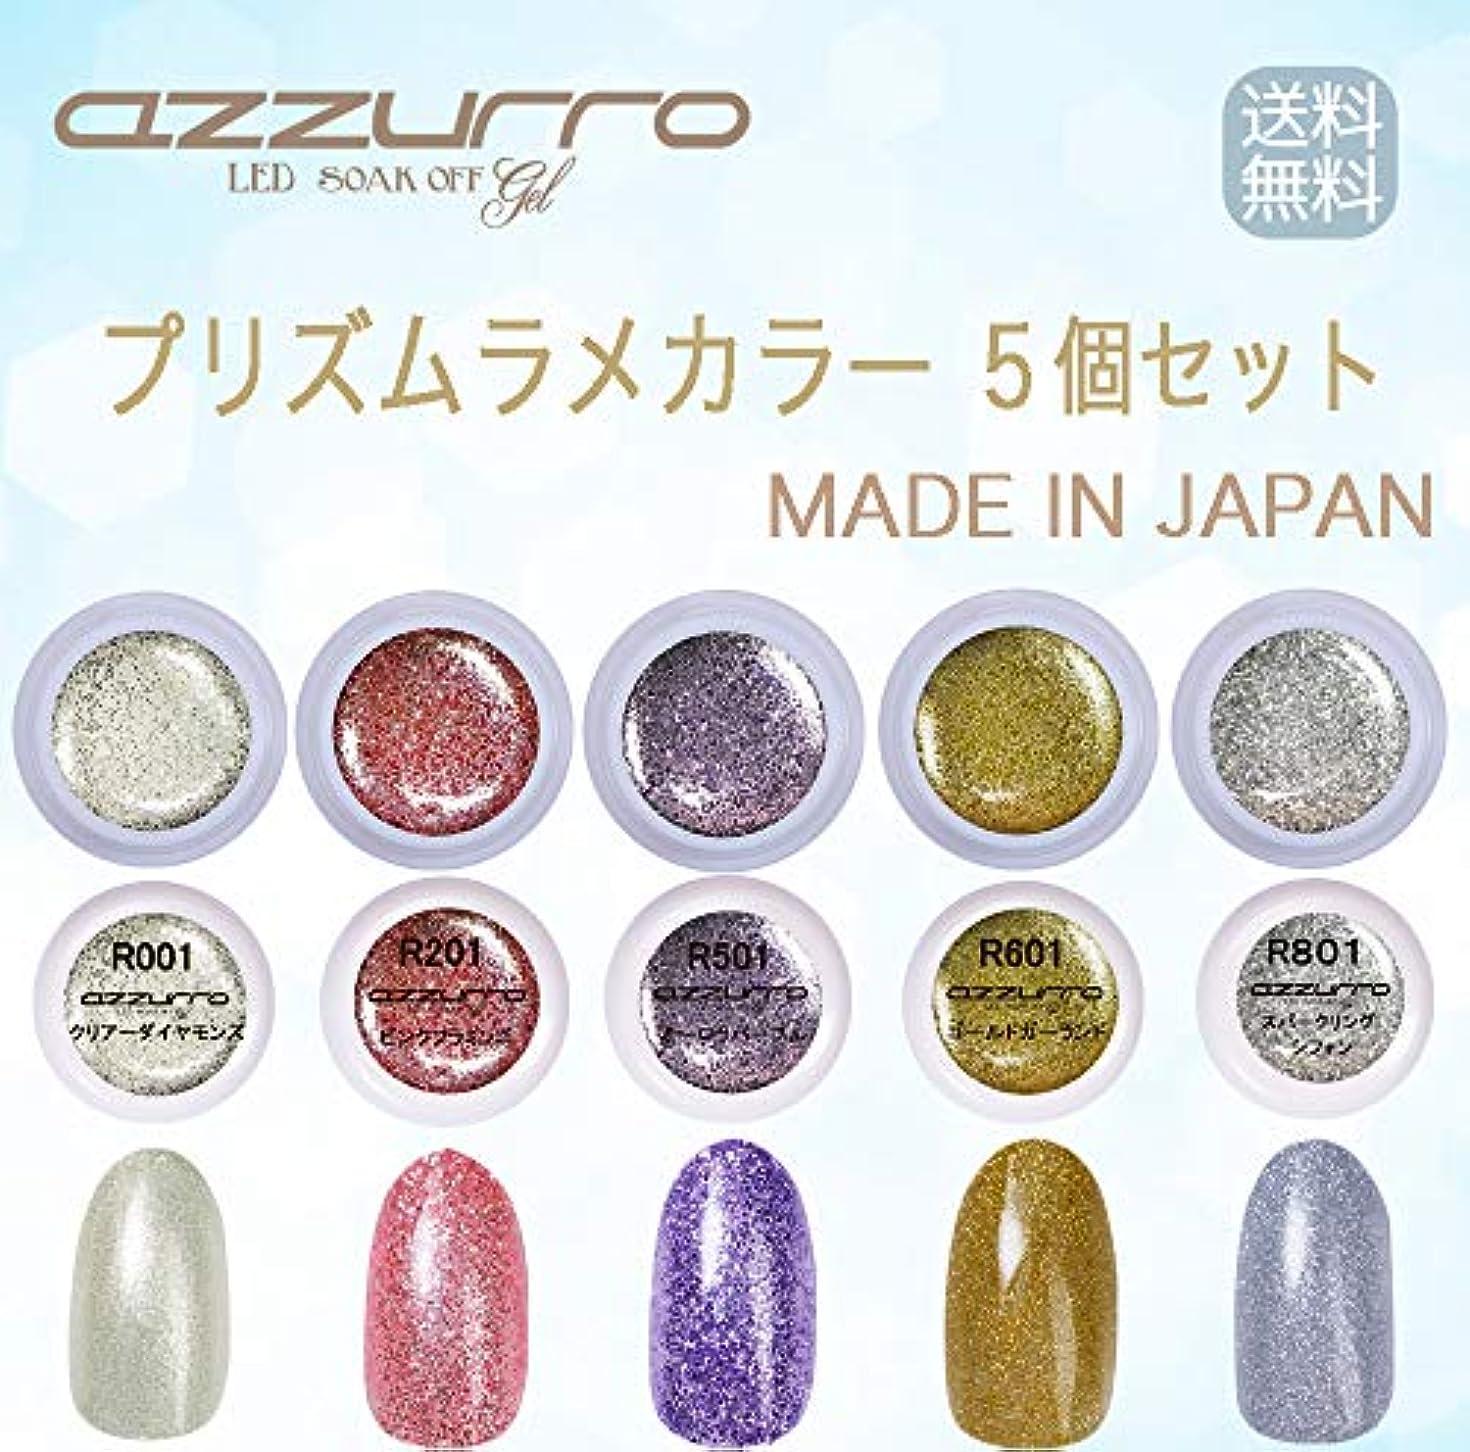 分解するその他アベニュー【送料無料】日本製 azzurro gel プリズムラメカラージェル5個セット キラキラネイルにぴったりなカラー